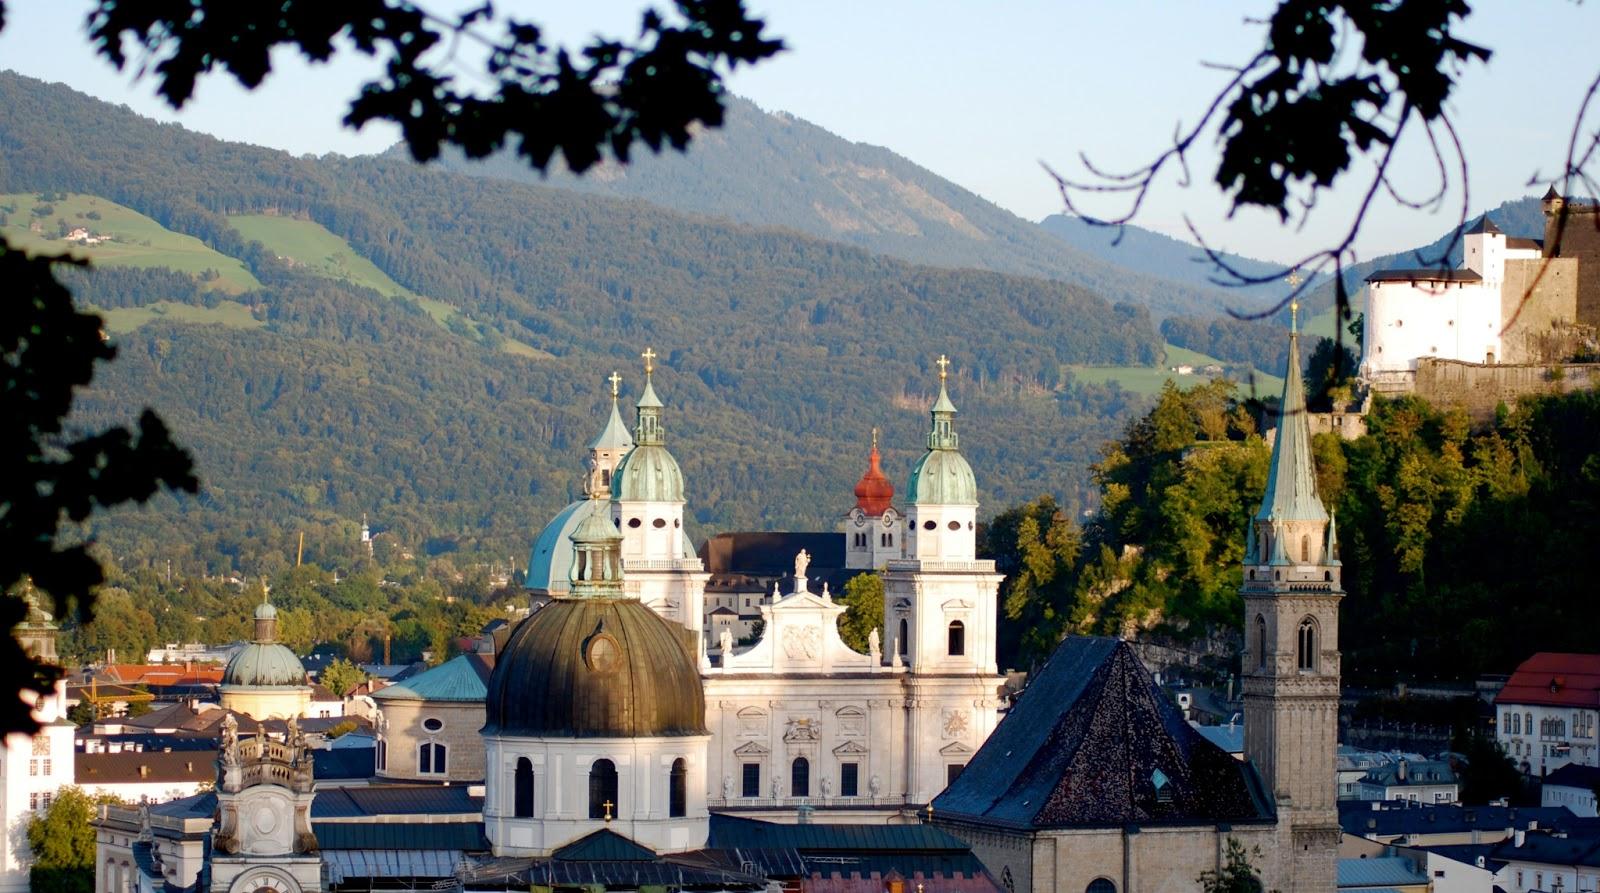 Salzburg In Г¶sterreich